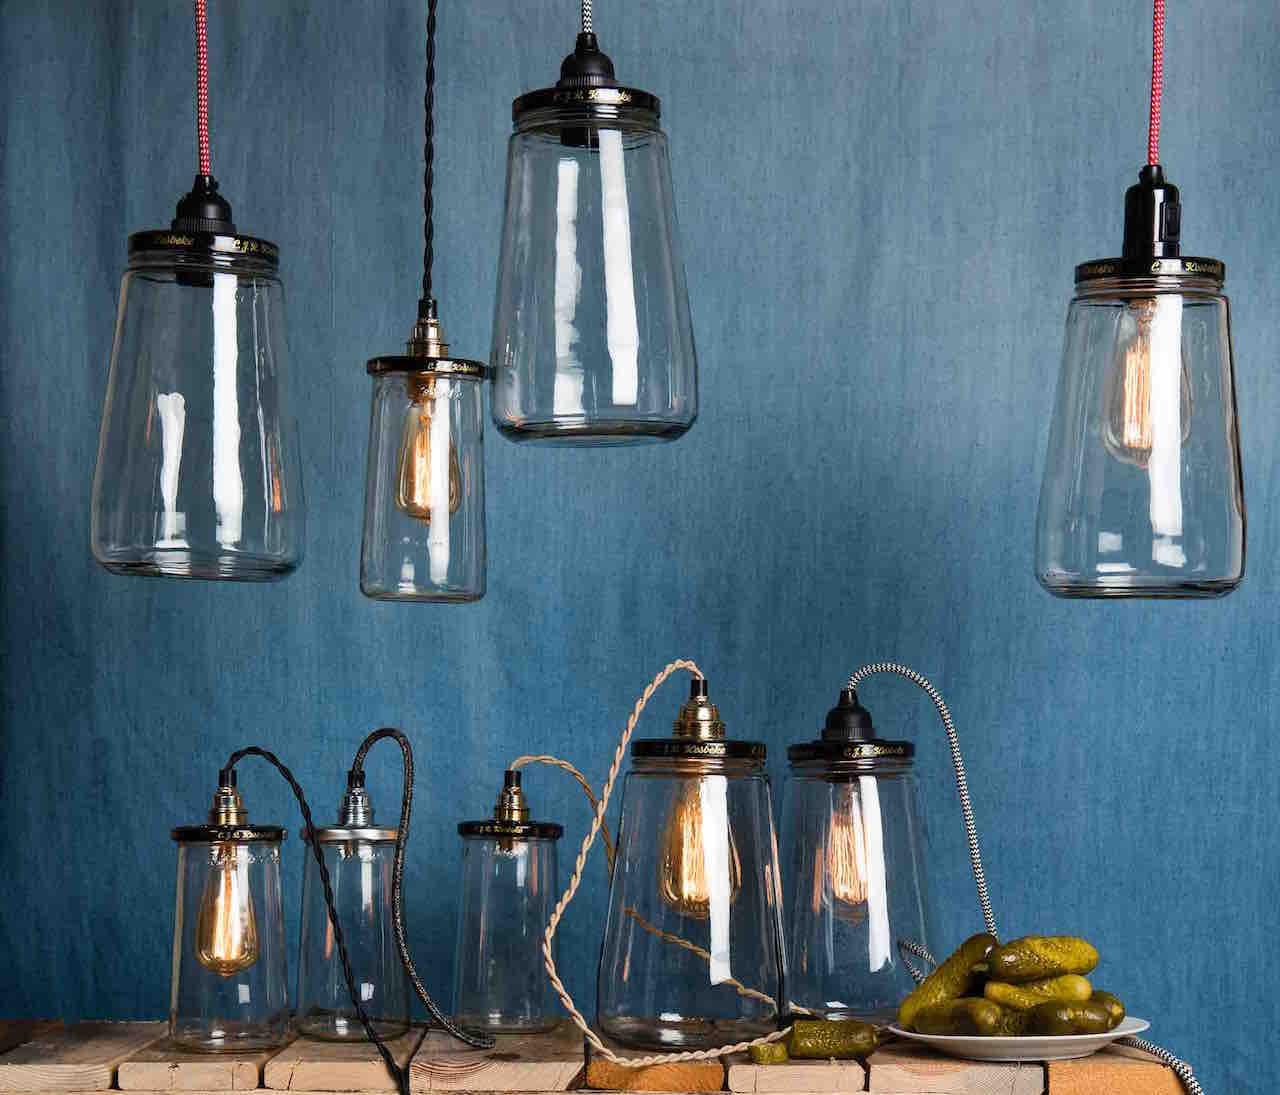 Augurkenpot lampen van Rescued, een duurzaam cadeau voor de feestdagen.